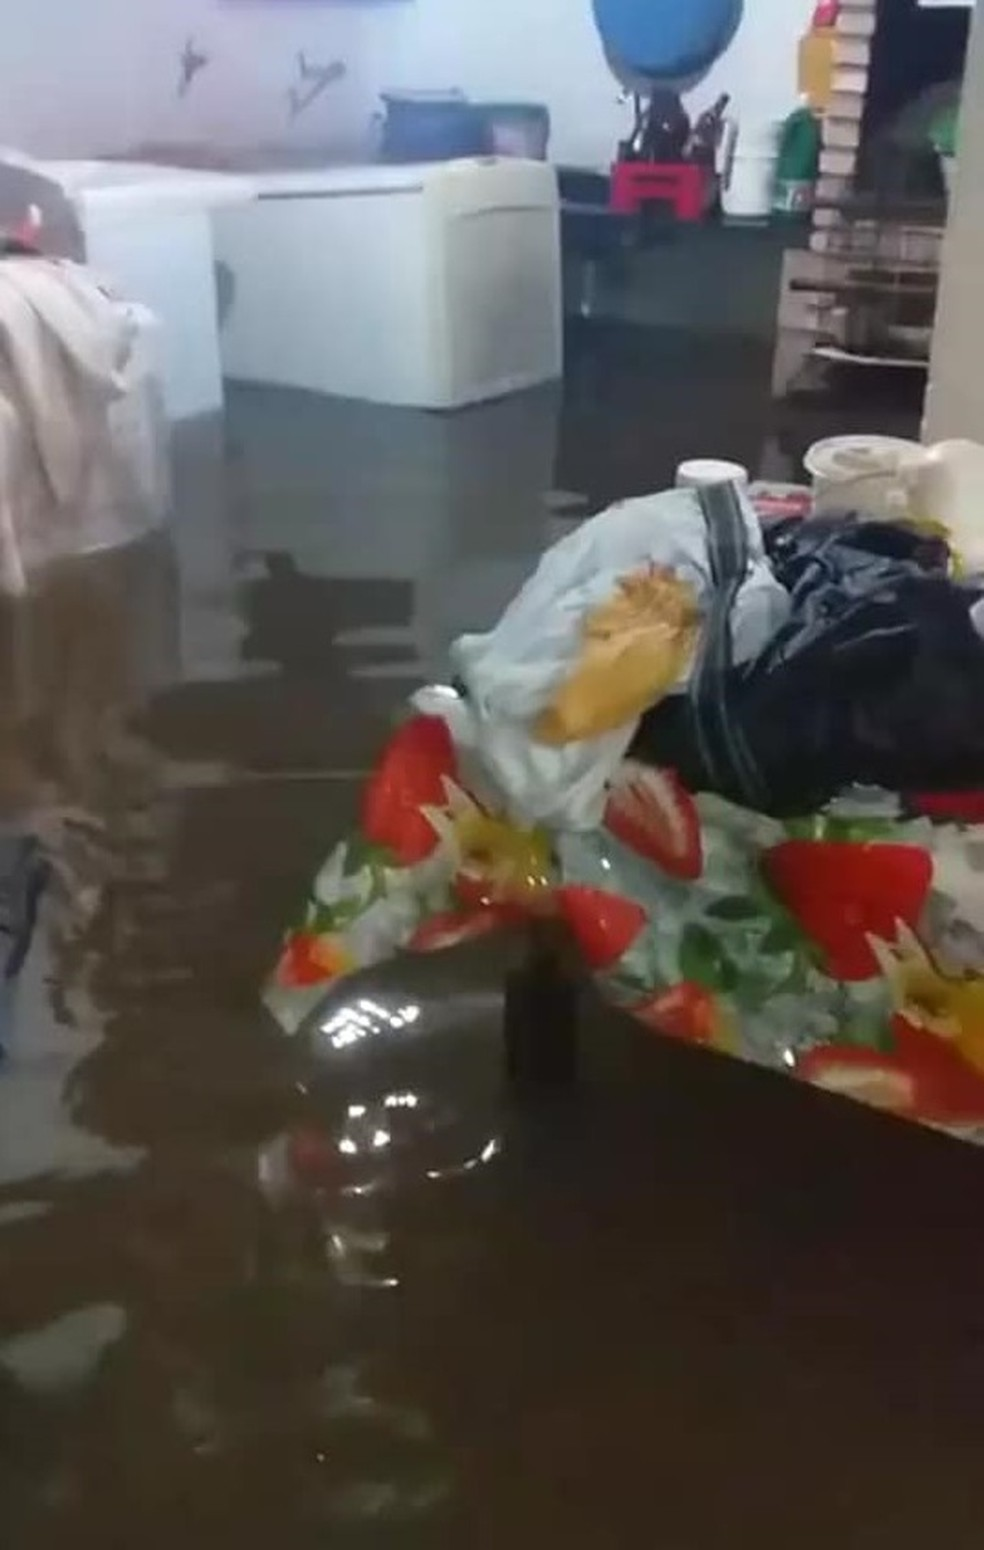 Casa alagada em Buritama depois da chuva deste sábado (24) — Foto: Arquivo Pessoal